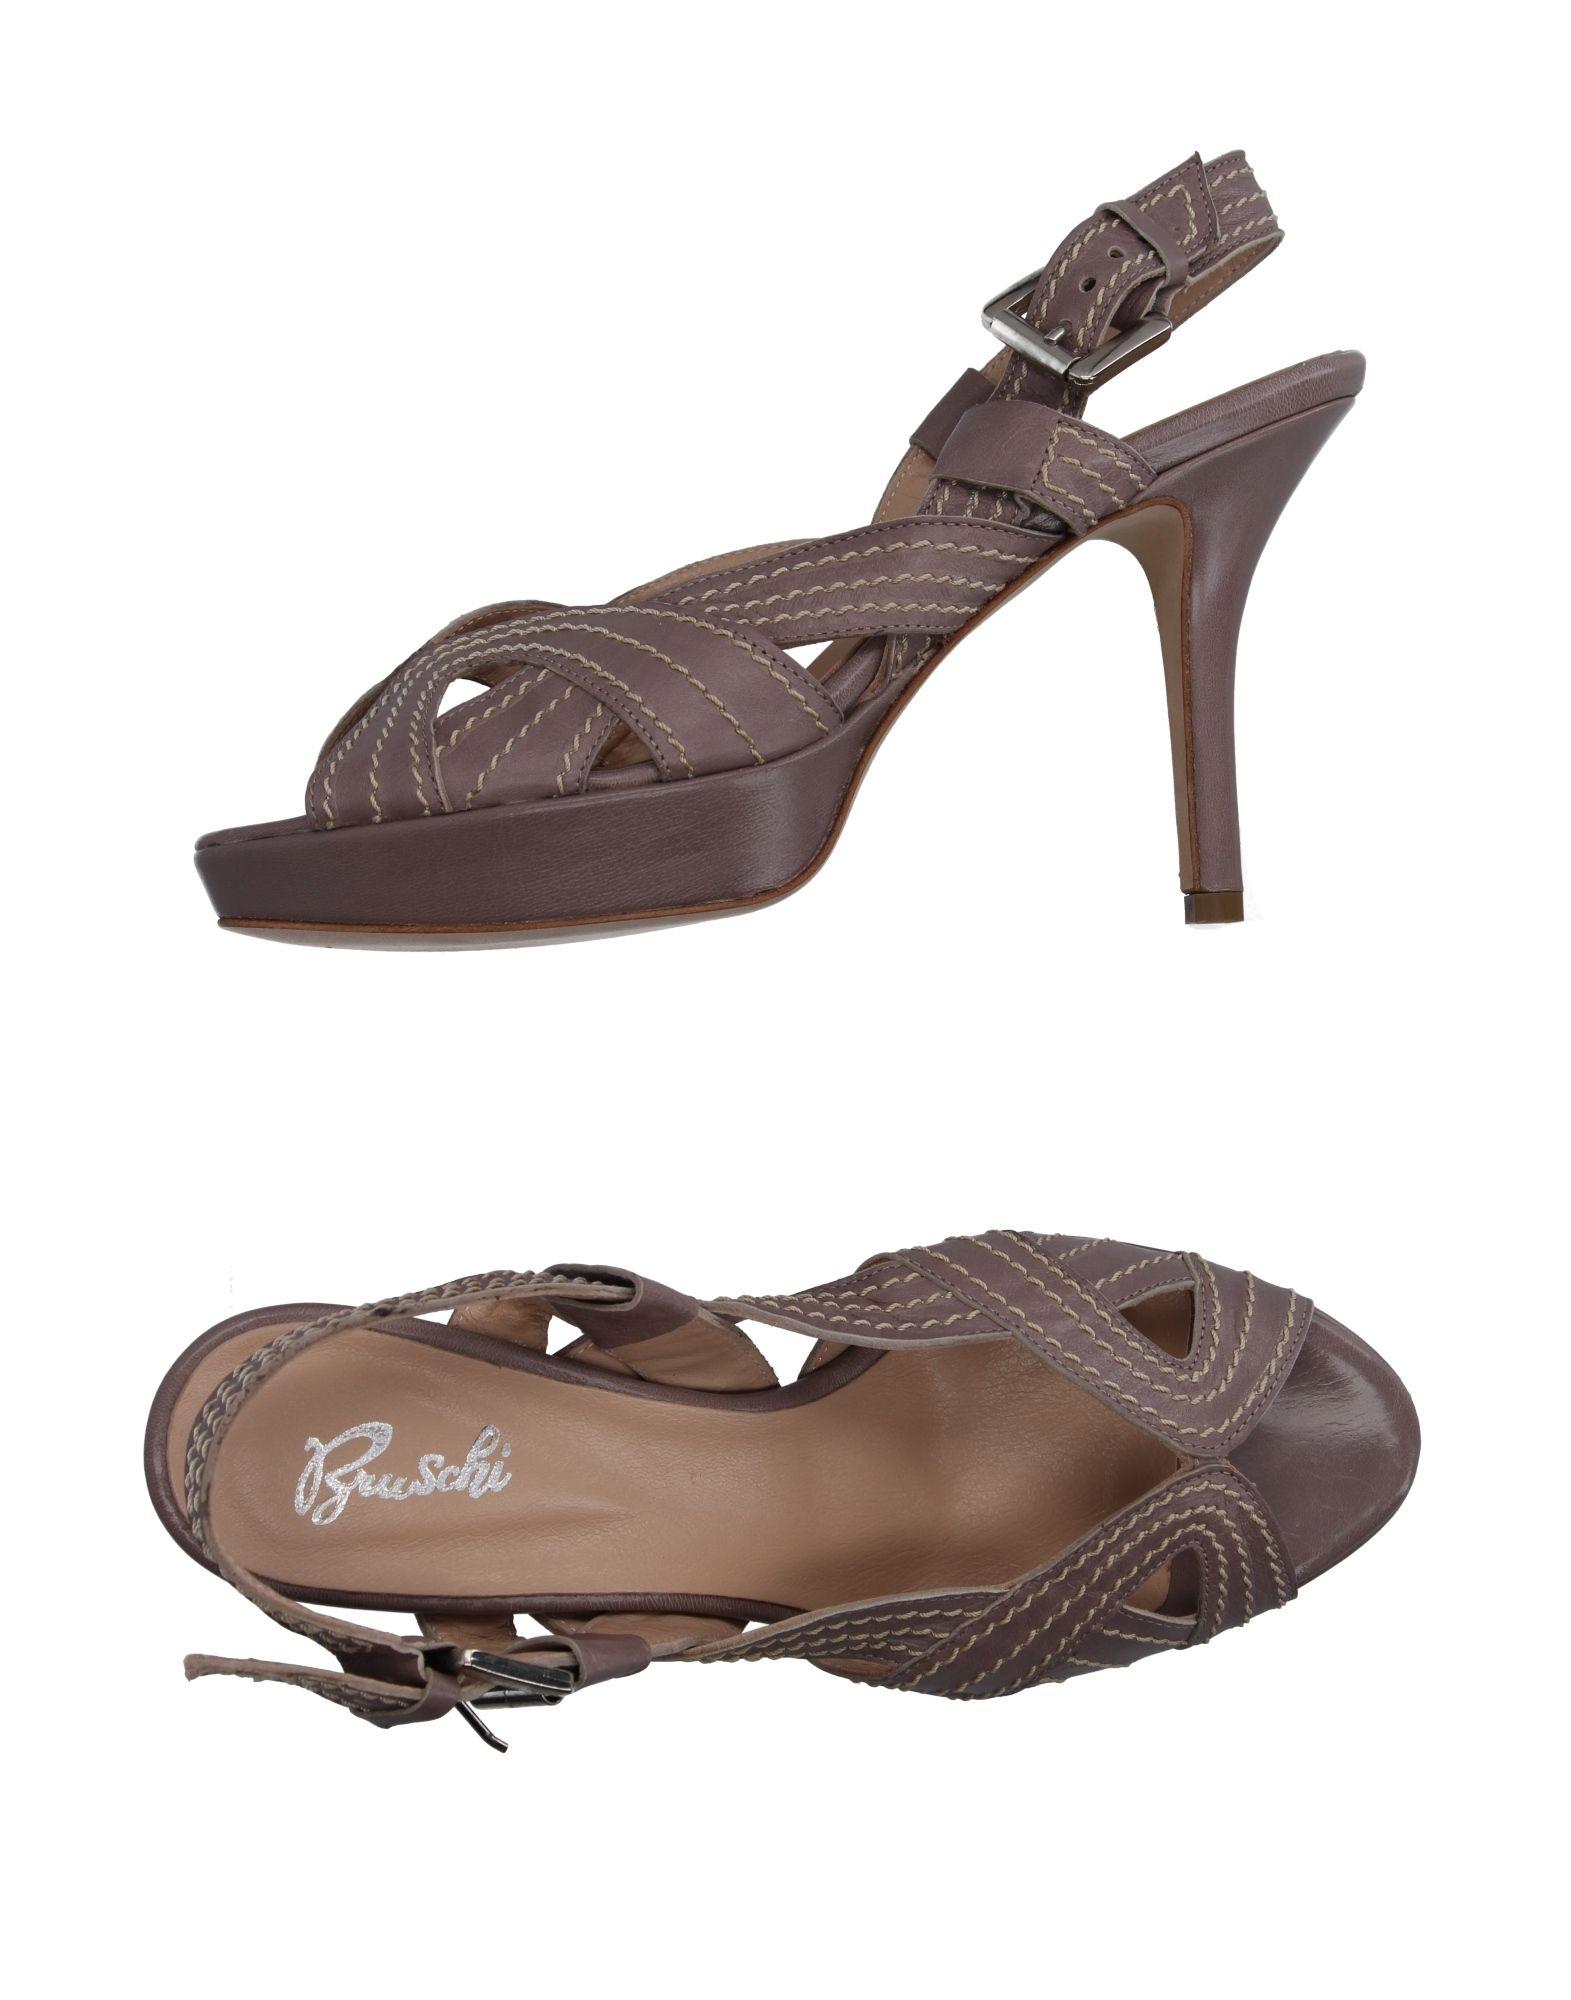 Bruschi Sandalen Damen   Damen 11162047VS Gute Qualität beliebte Schuhe d15675